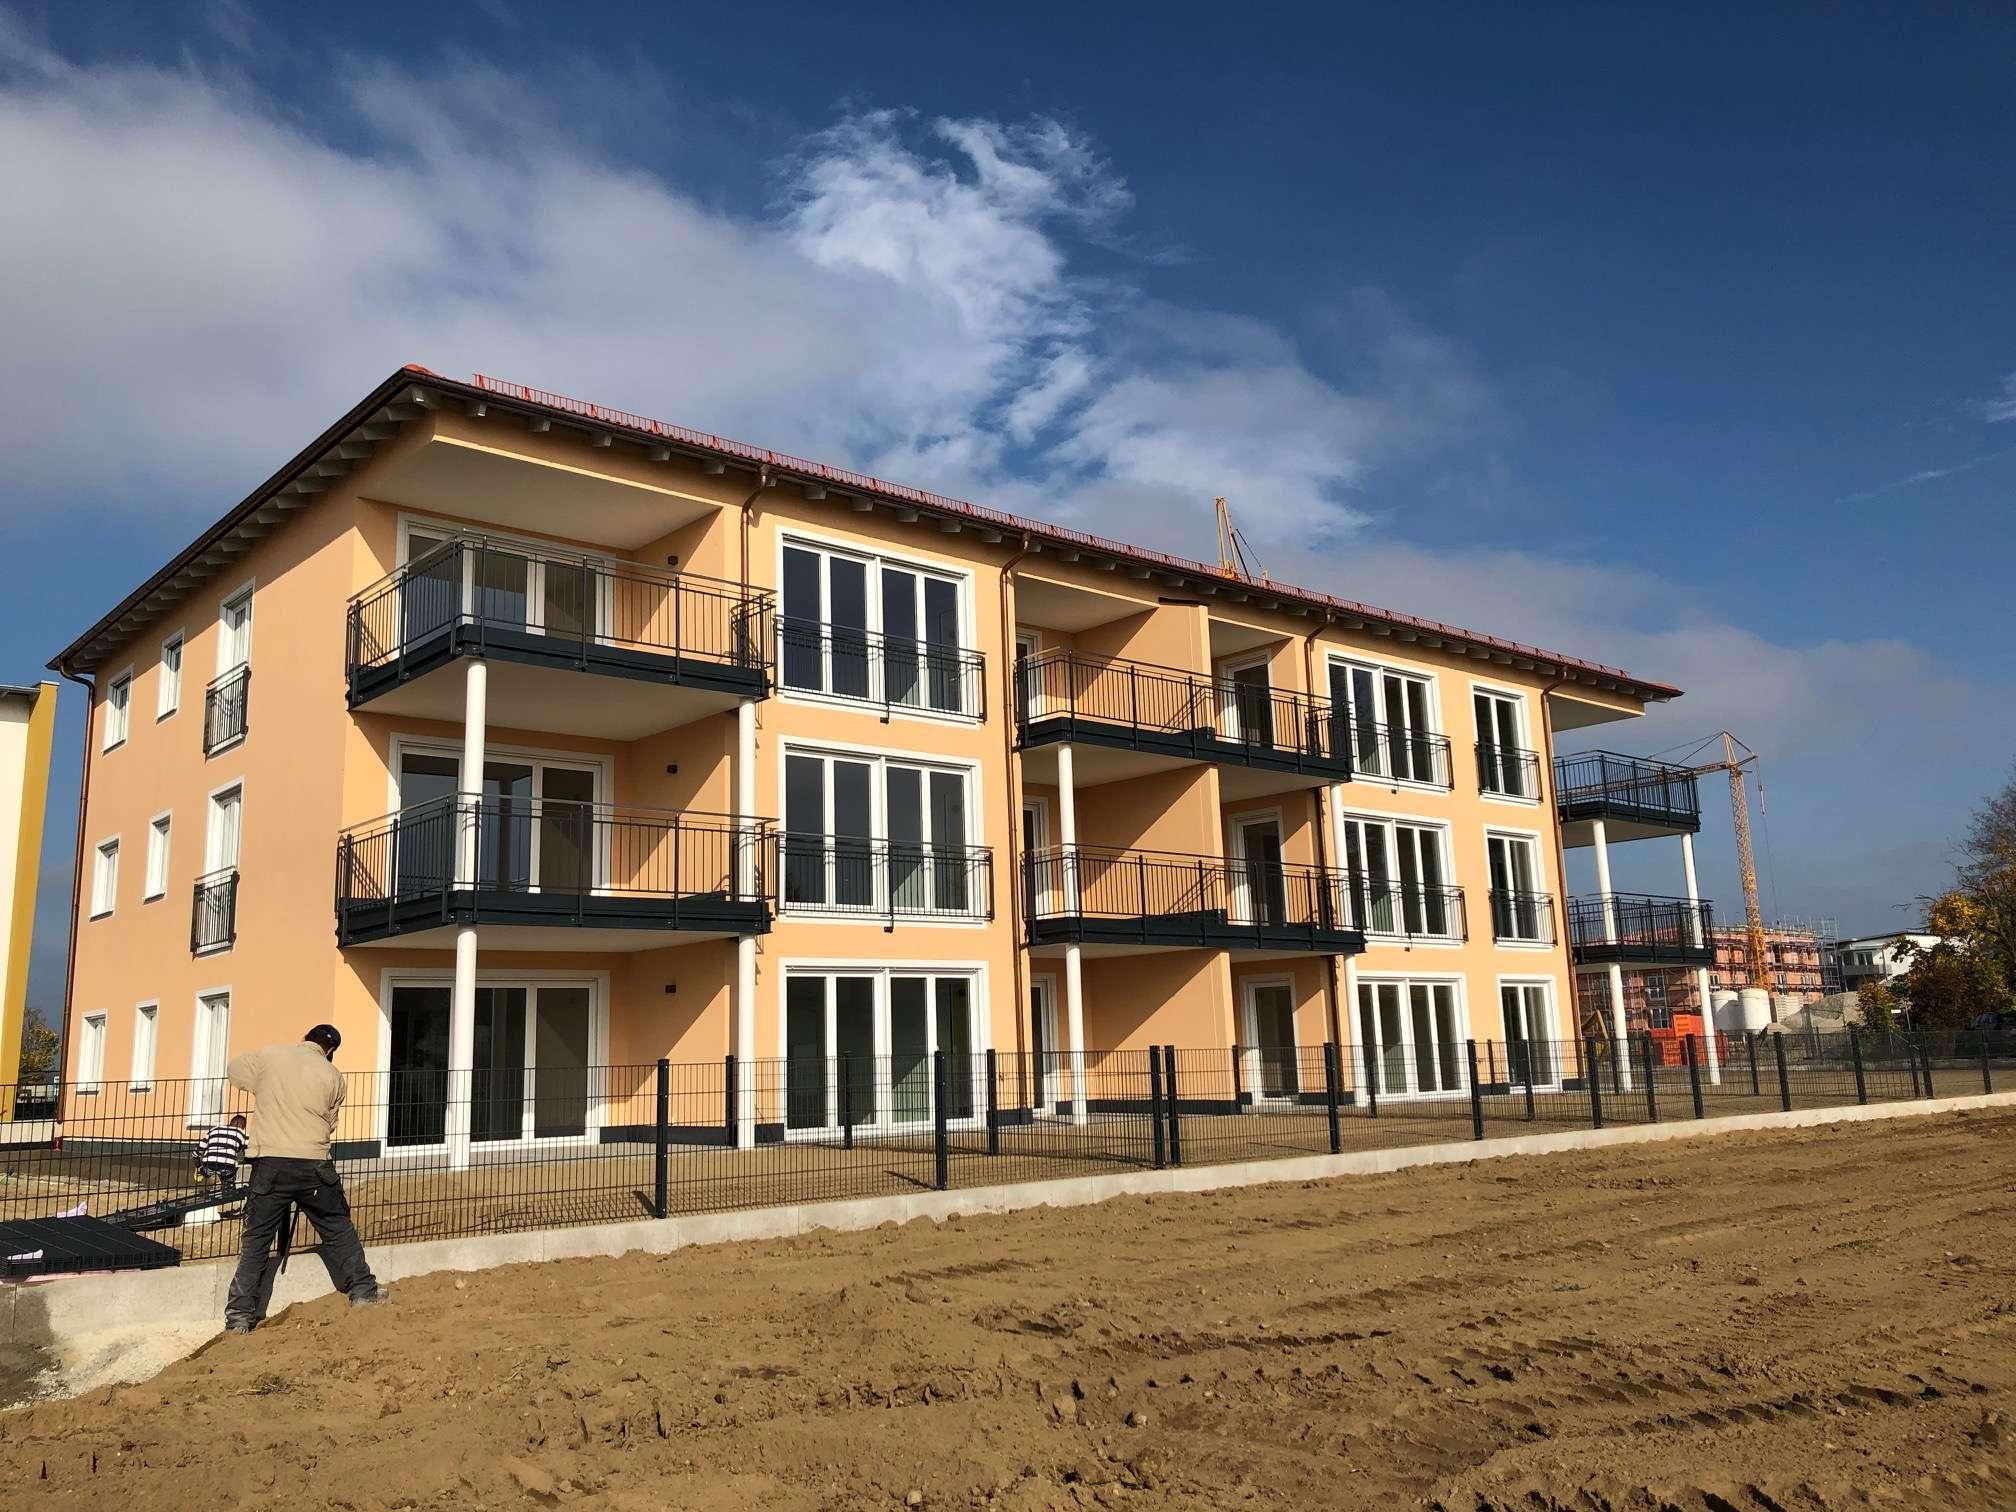 2 - Zimmer - Wohnung im Erdgeschoss und Vorgarten Erstbezug Januar 2020 in Mühldorf am Inn